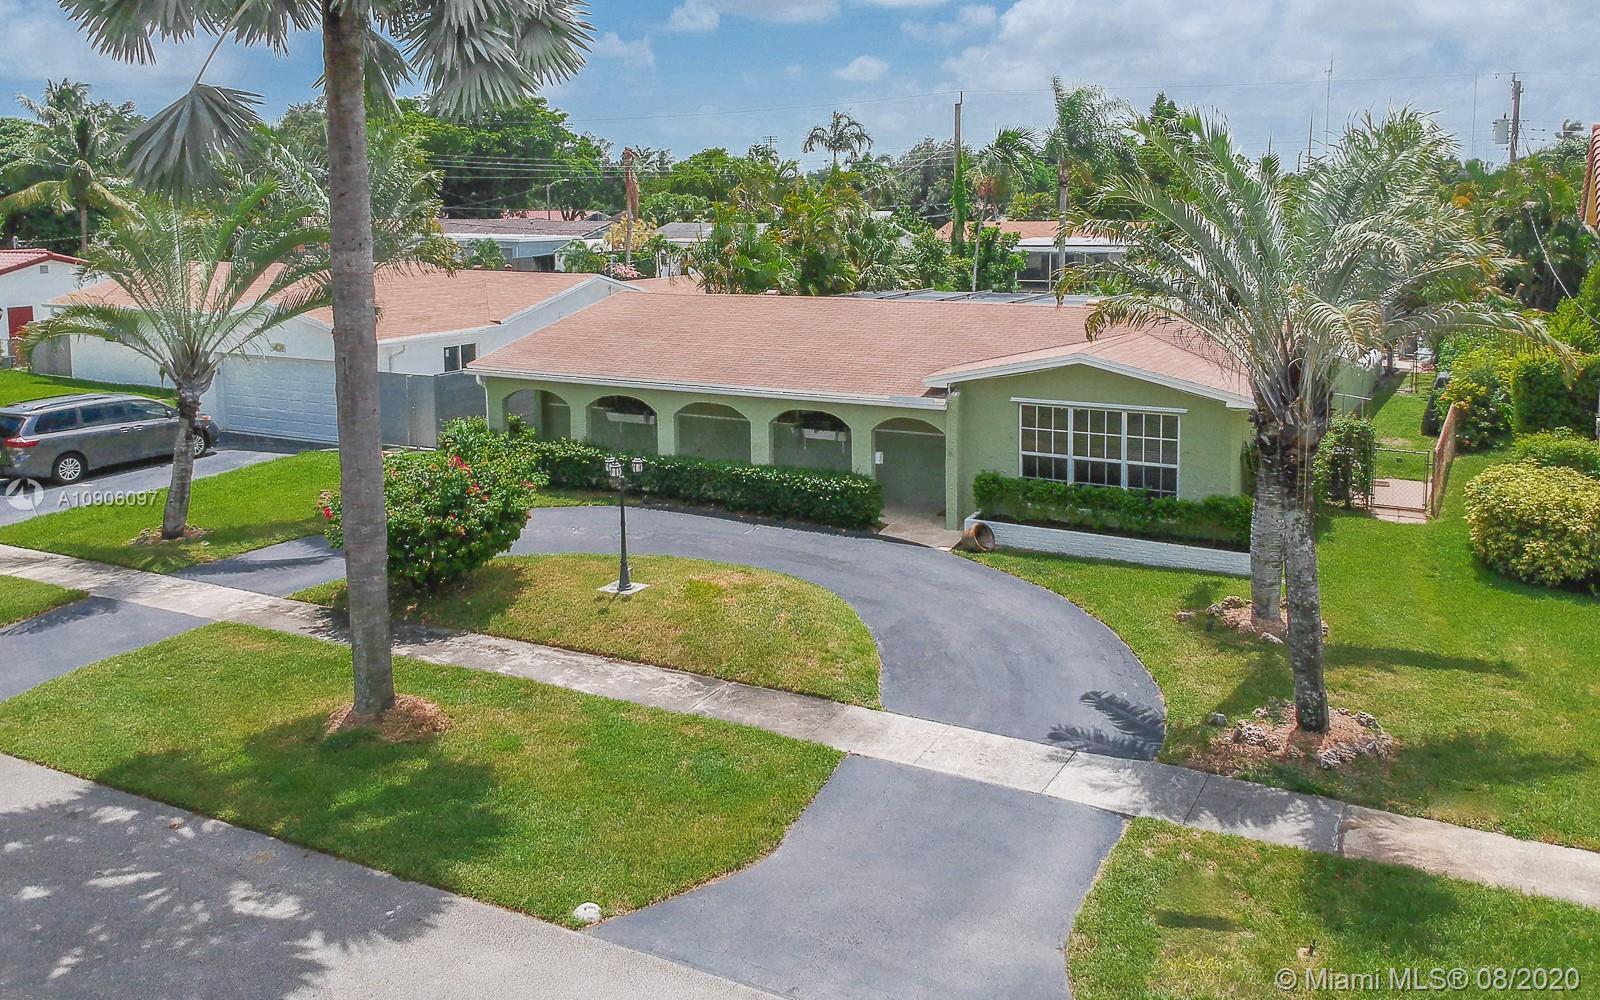 Hollywood Hills - 5430 Buchanan St, Hollywood, FL 33021